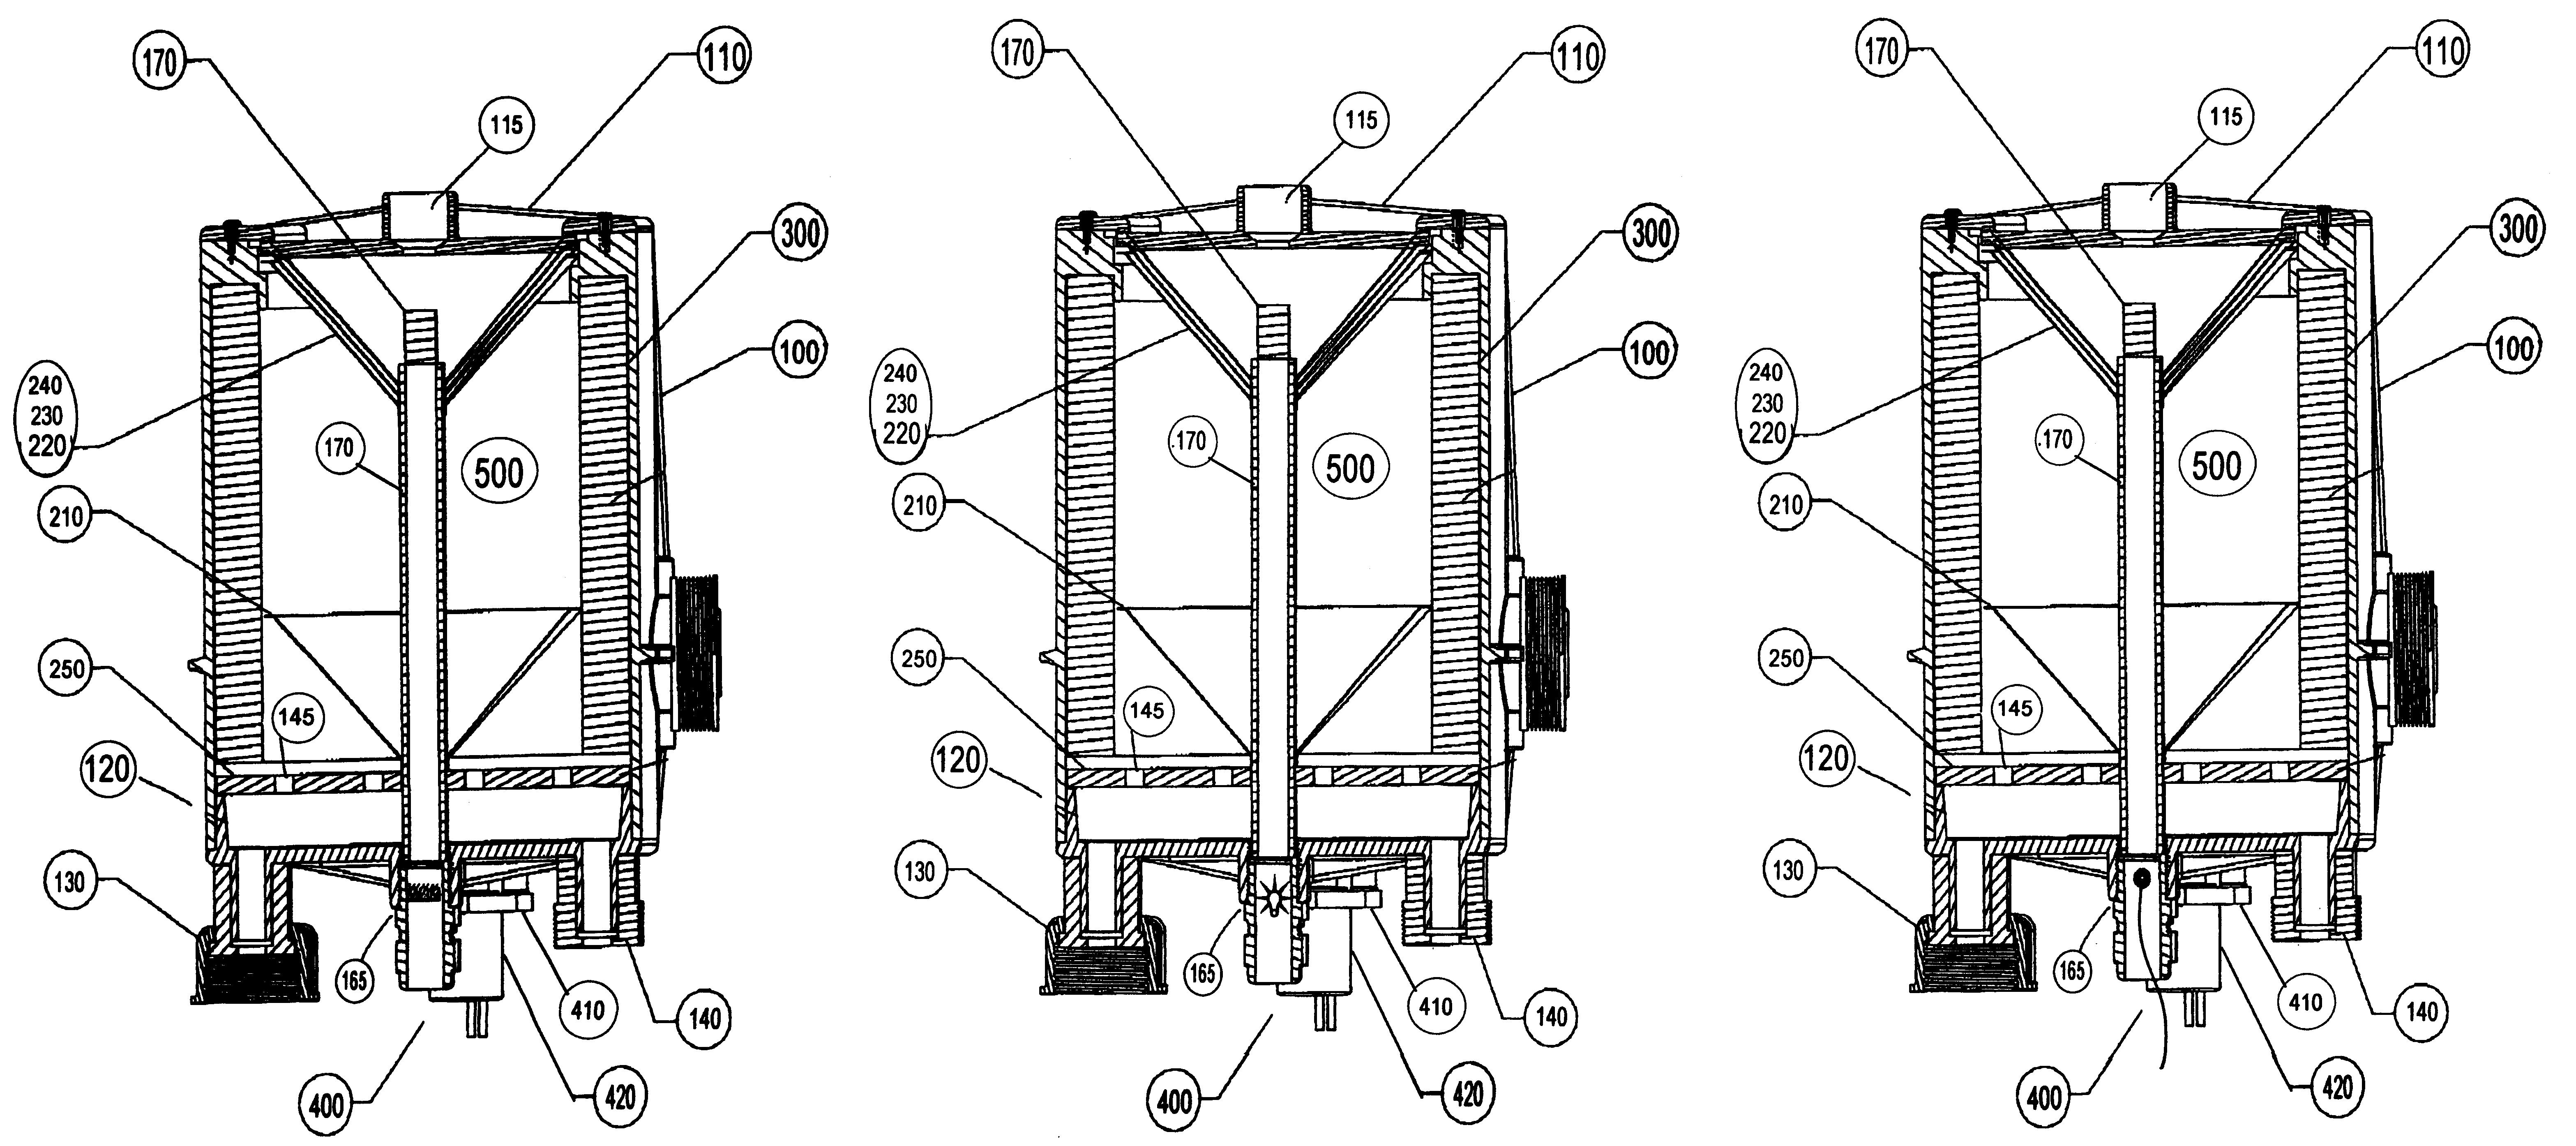 patent us7264176